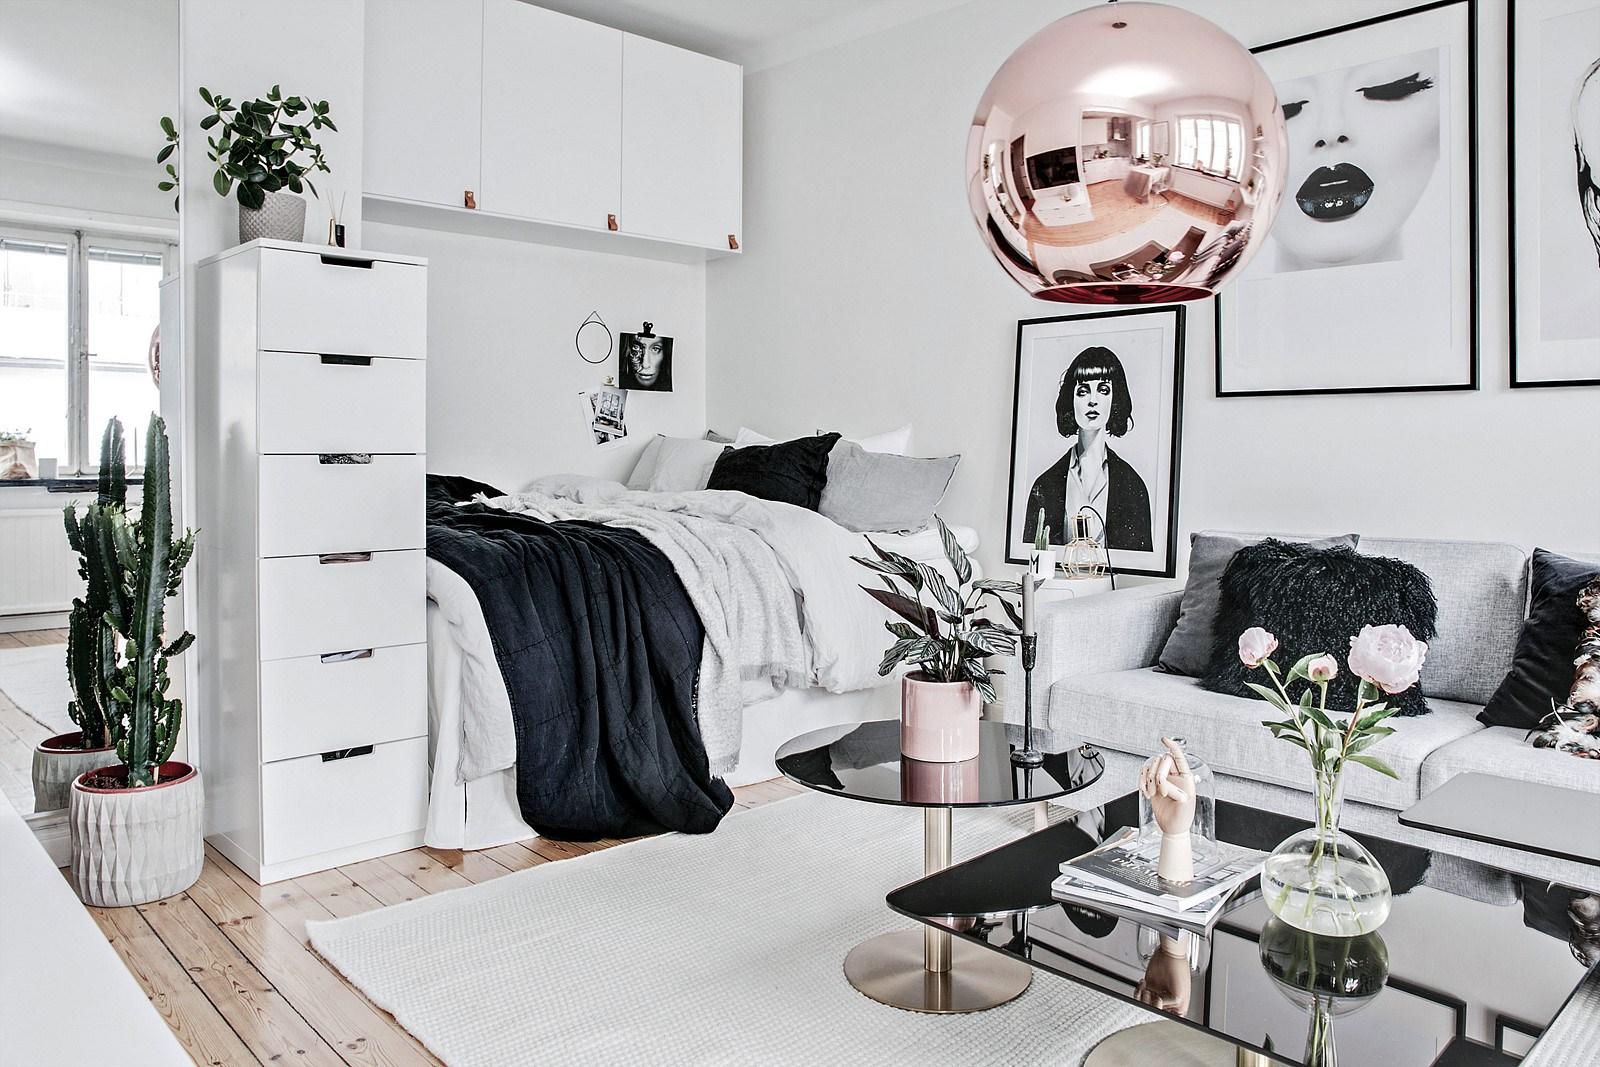 Дизайн квартиры в скандинавском стиле с кроватью и диваном